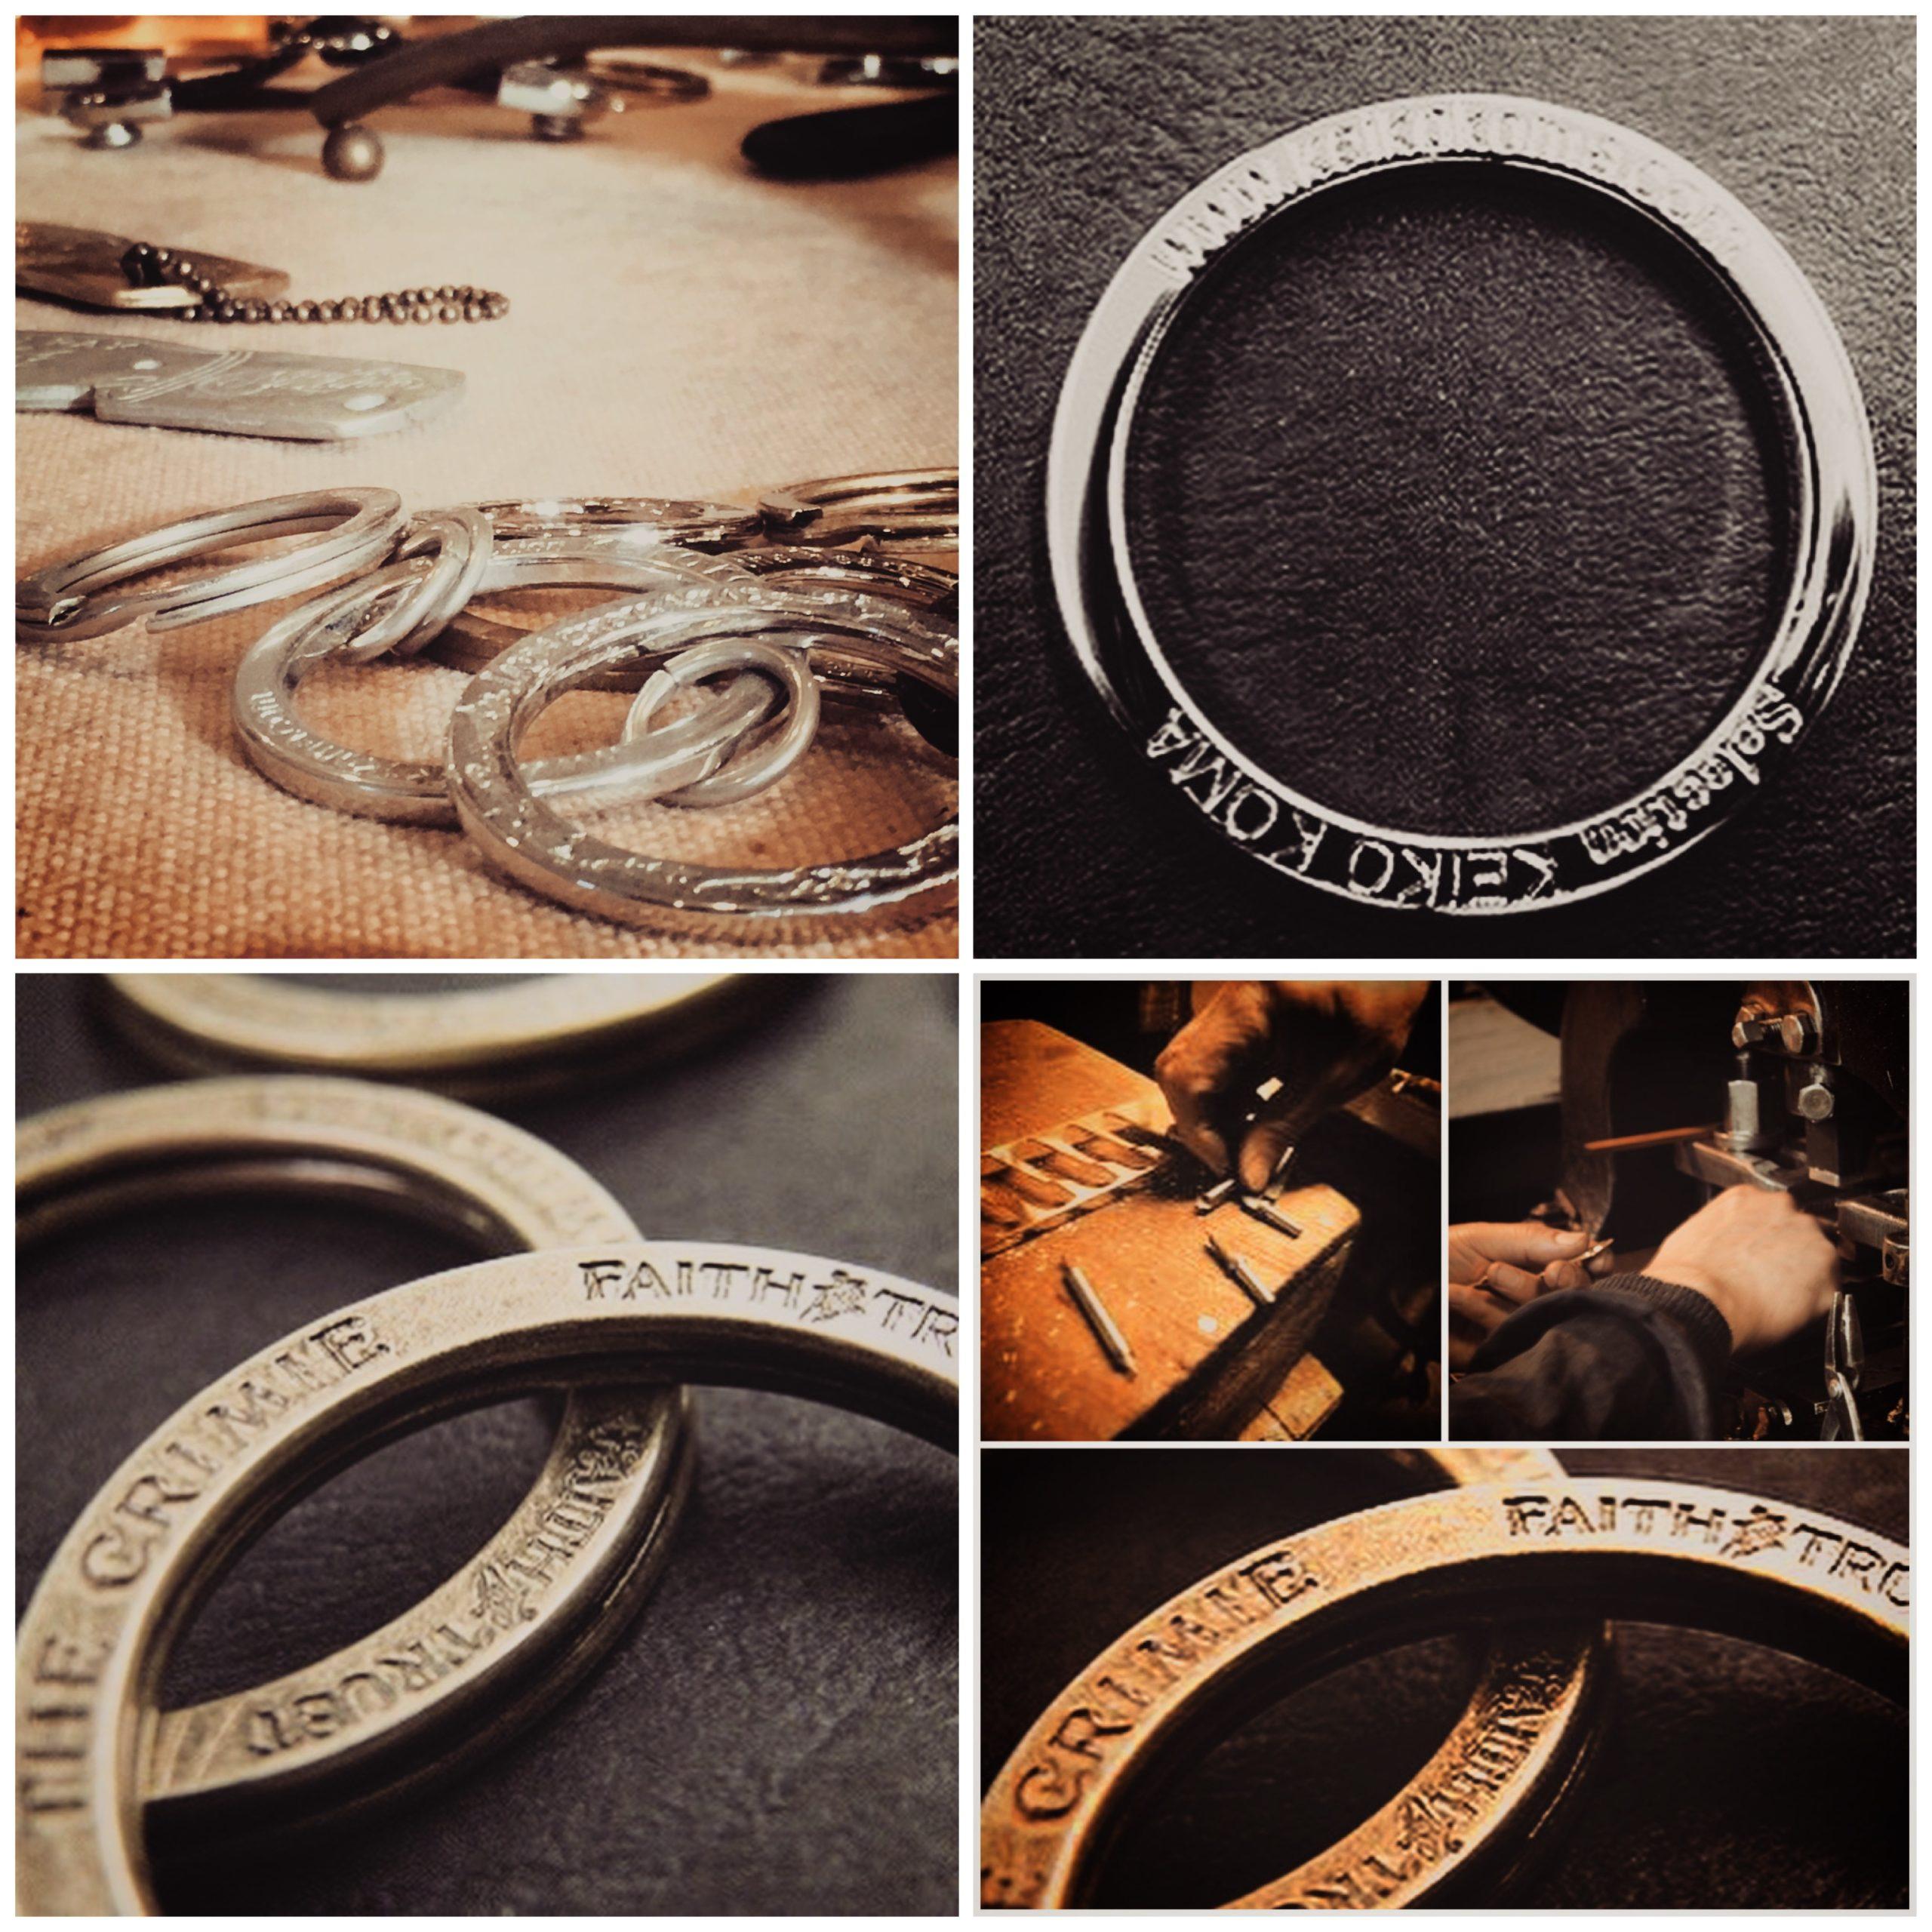 オーダーメイドでオリジナルの刻印入り、ダブルリング、アクセサリーキーホルダー金具を製作